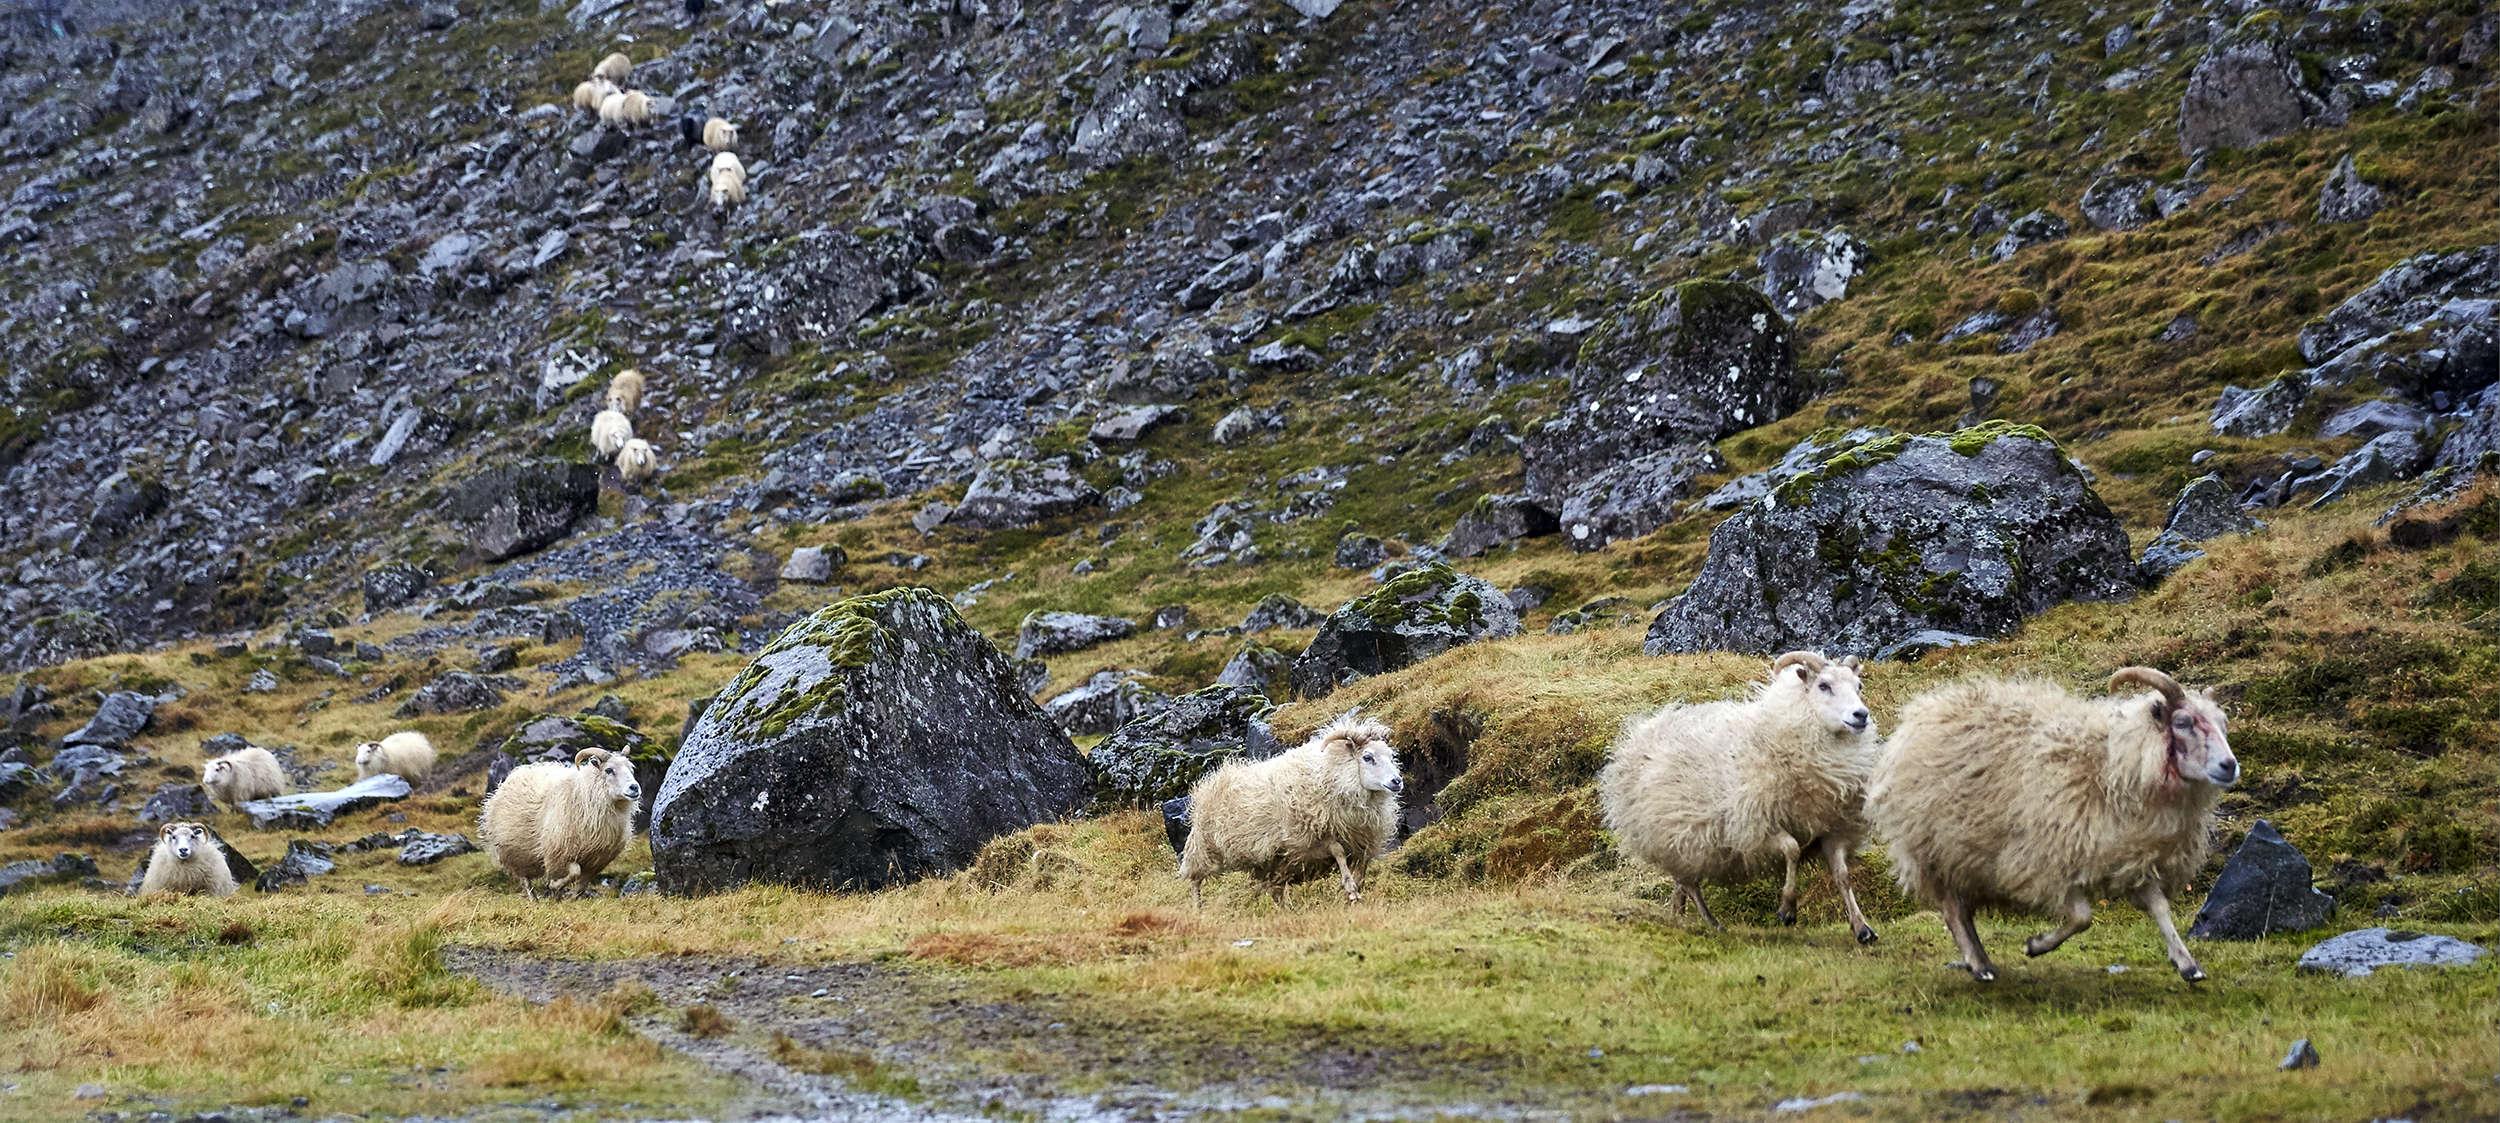 Sheep-on-the-run_9487